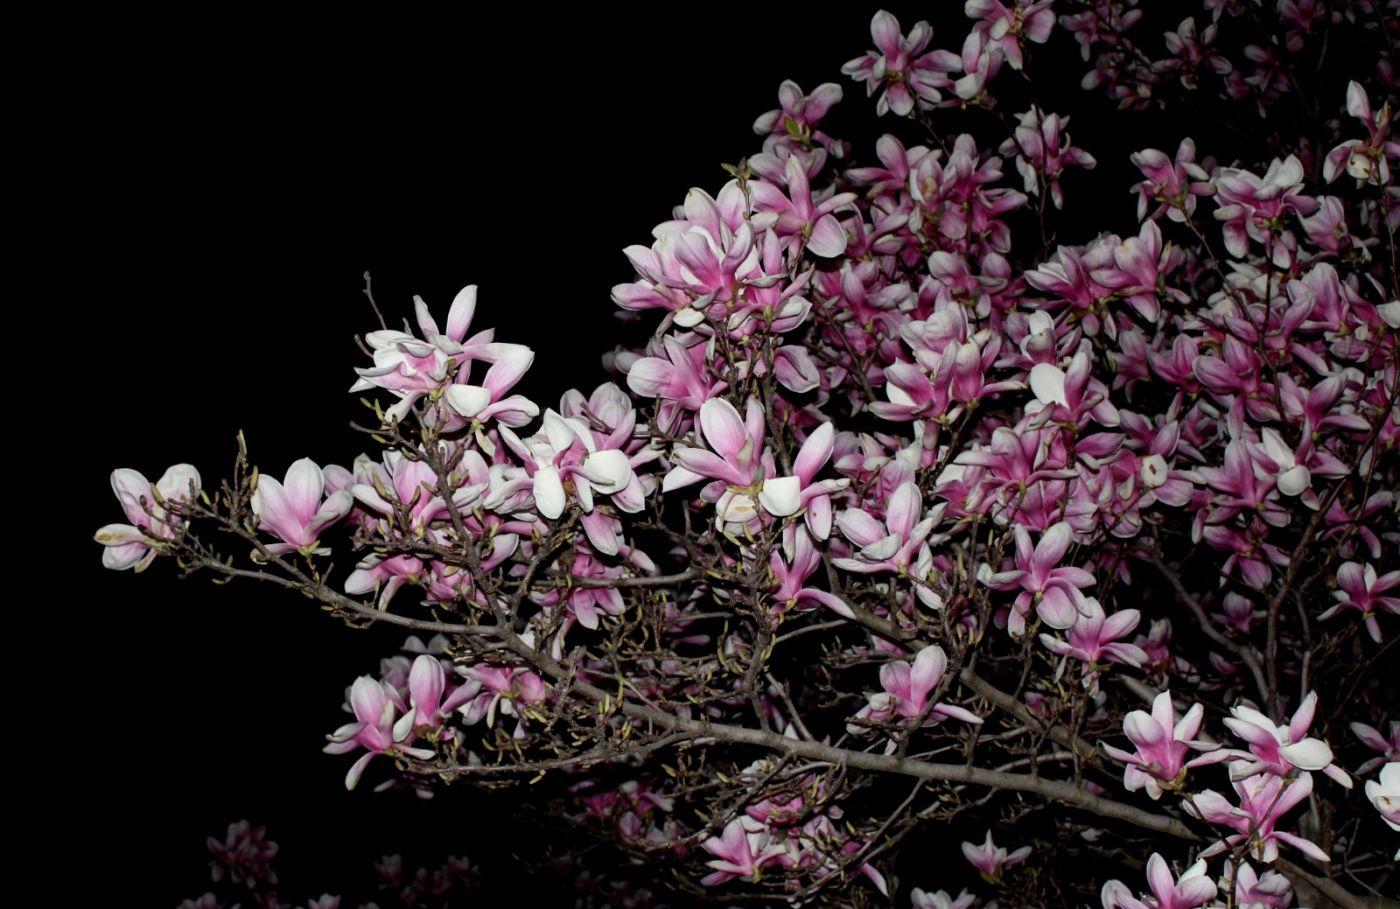 再拍紫玉兰_图1-29